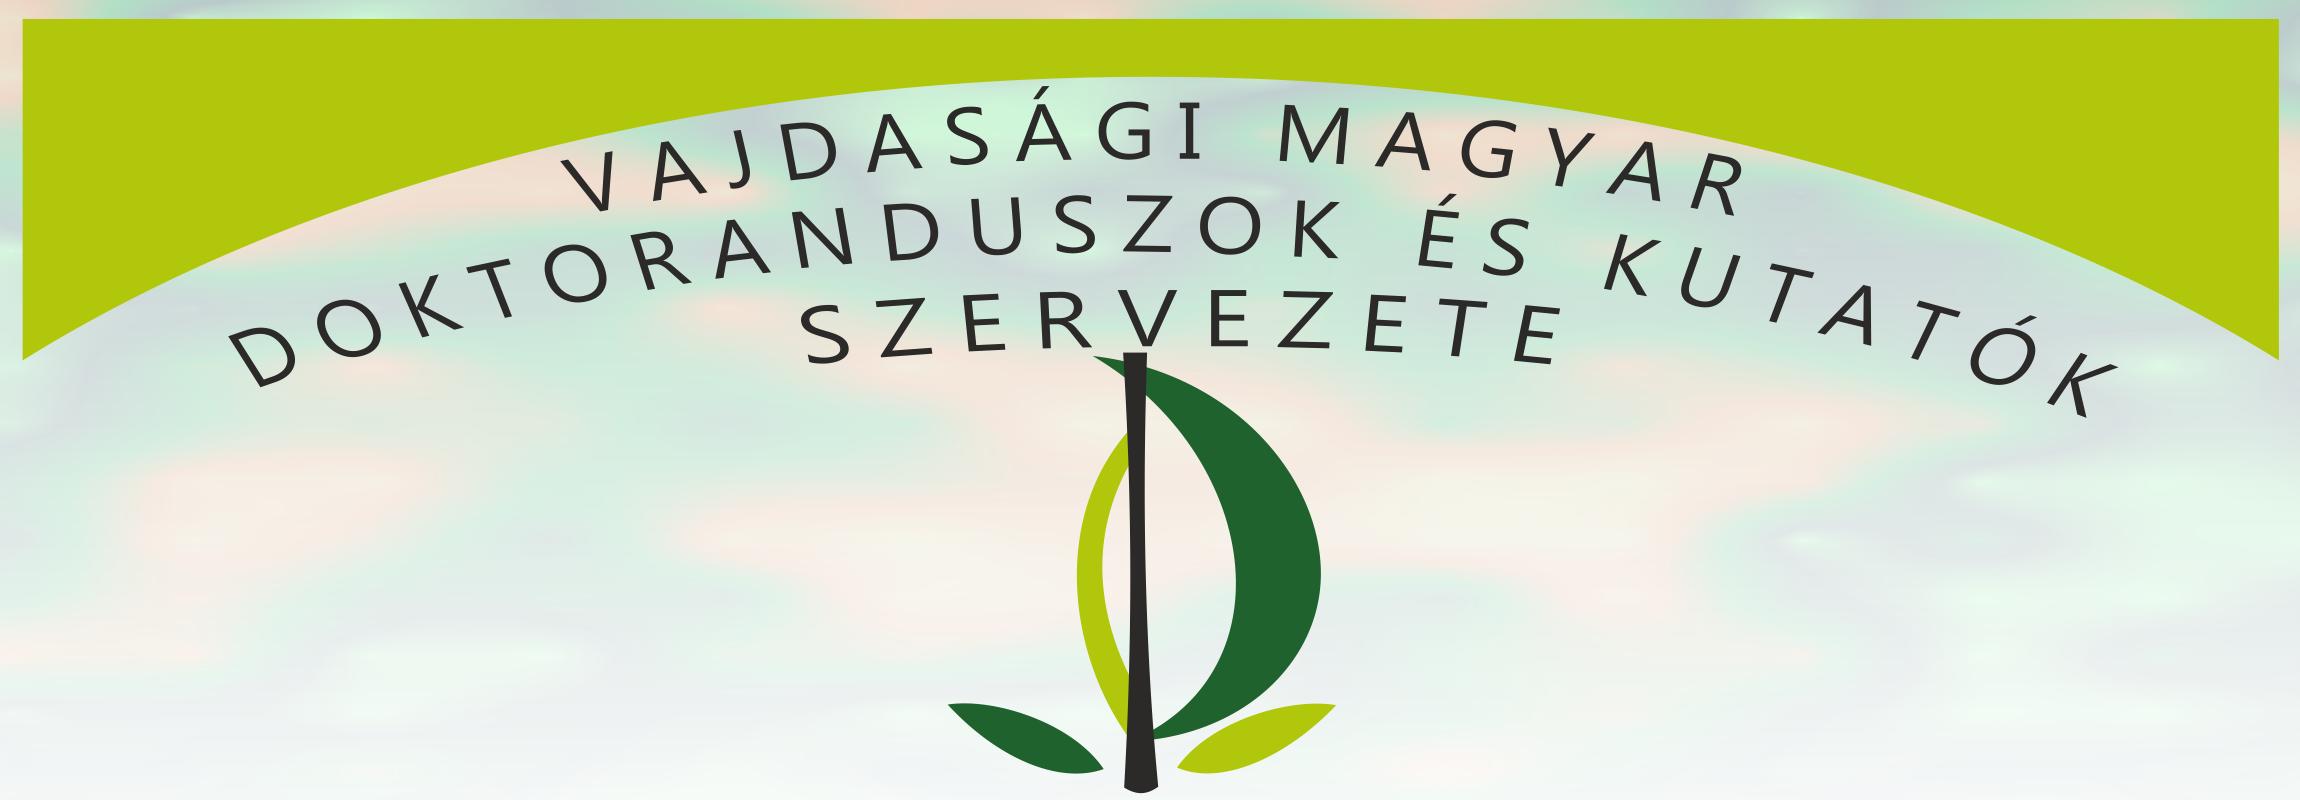 Vajdasági Magyar Doktoranduszok és Kutatók Szervezete